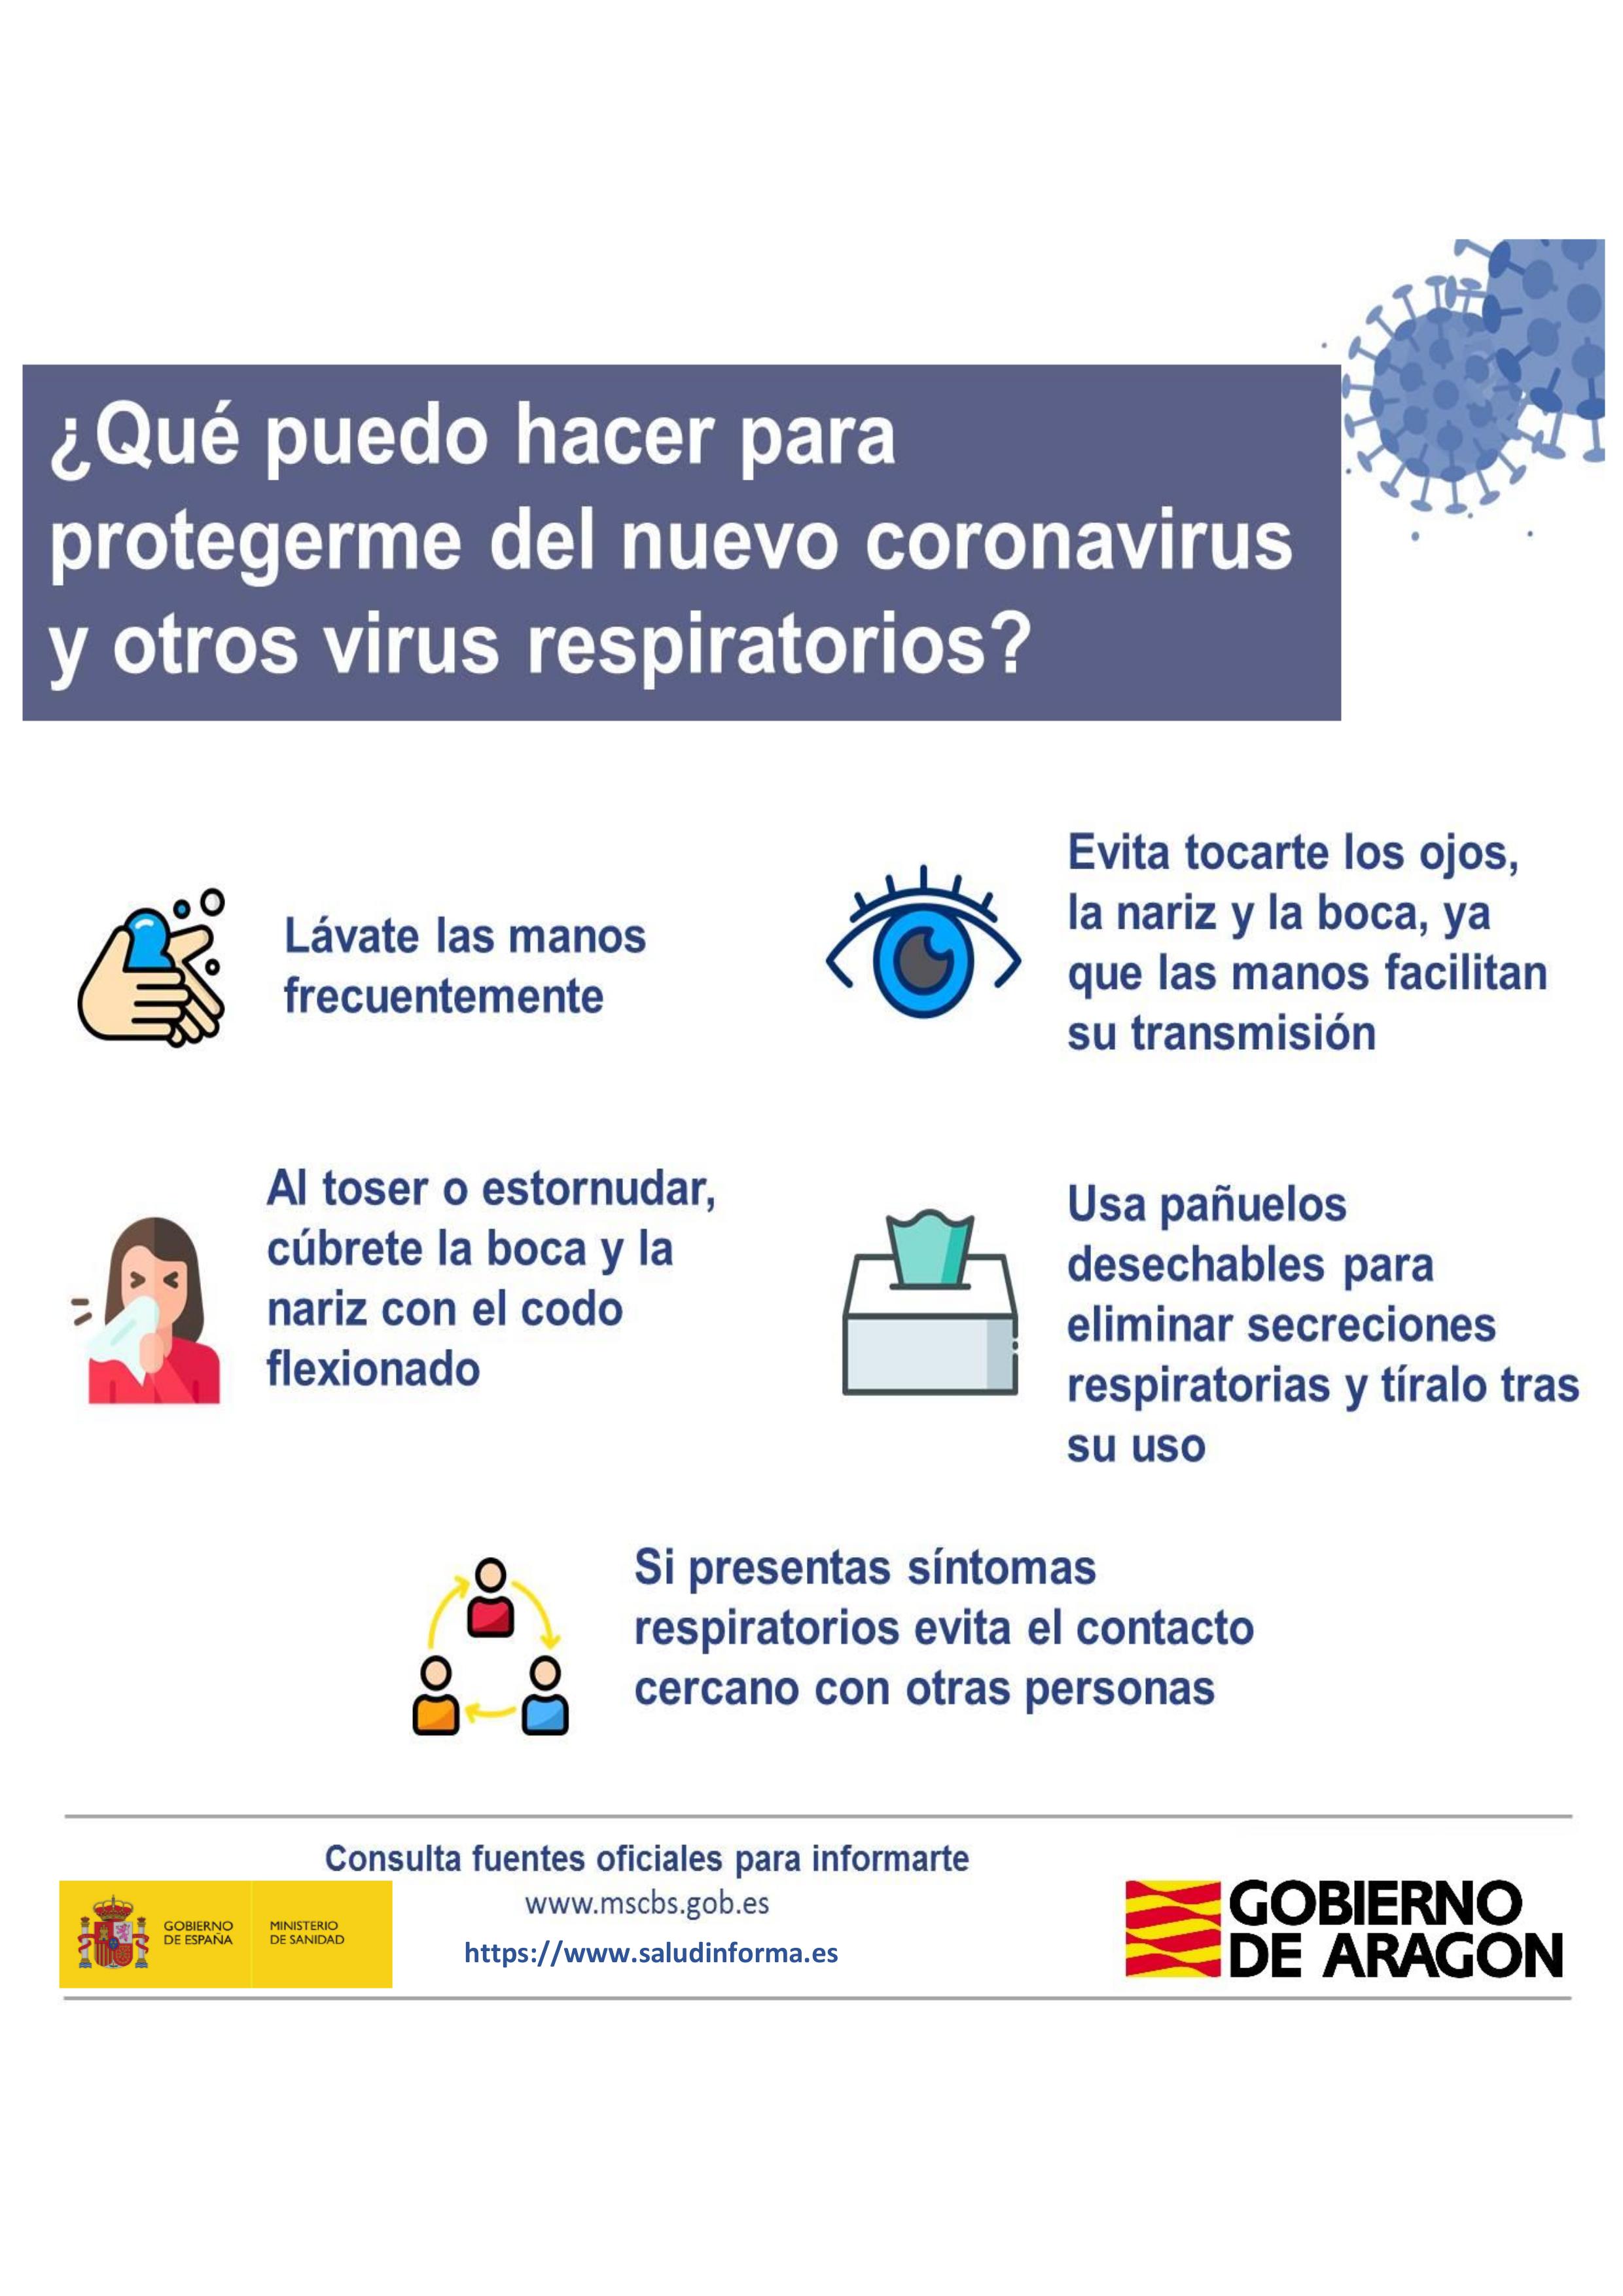 Resultado de imagen de infografias gobierno de aragon y coronavirus